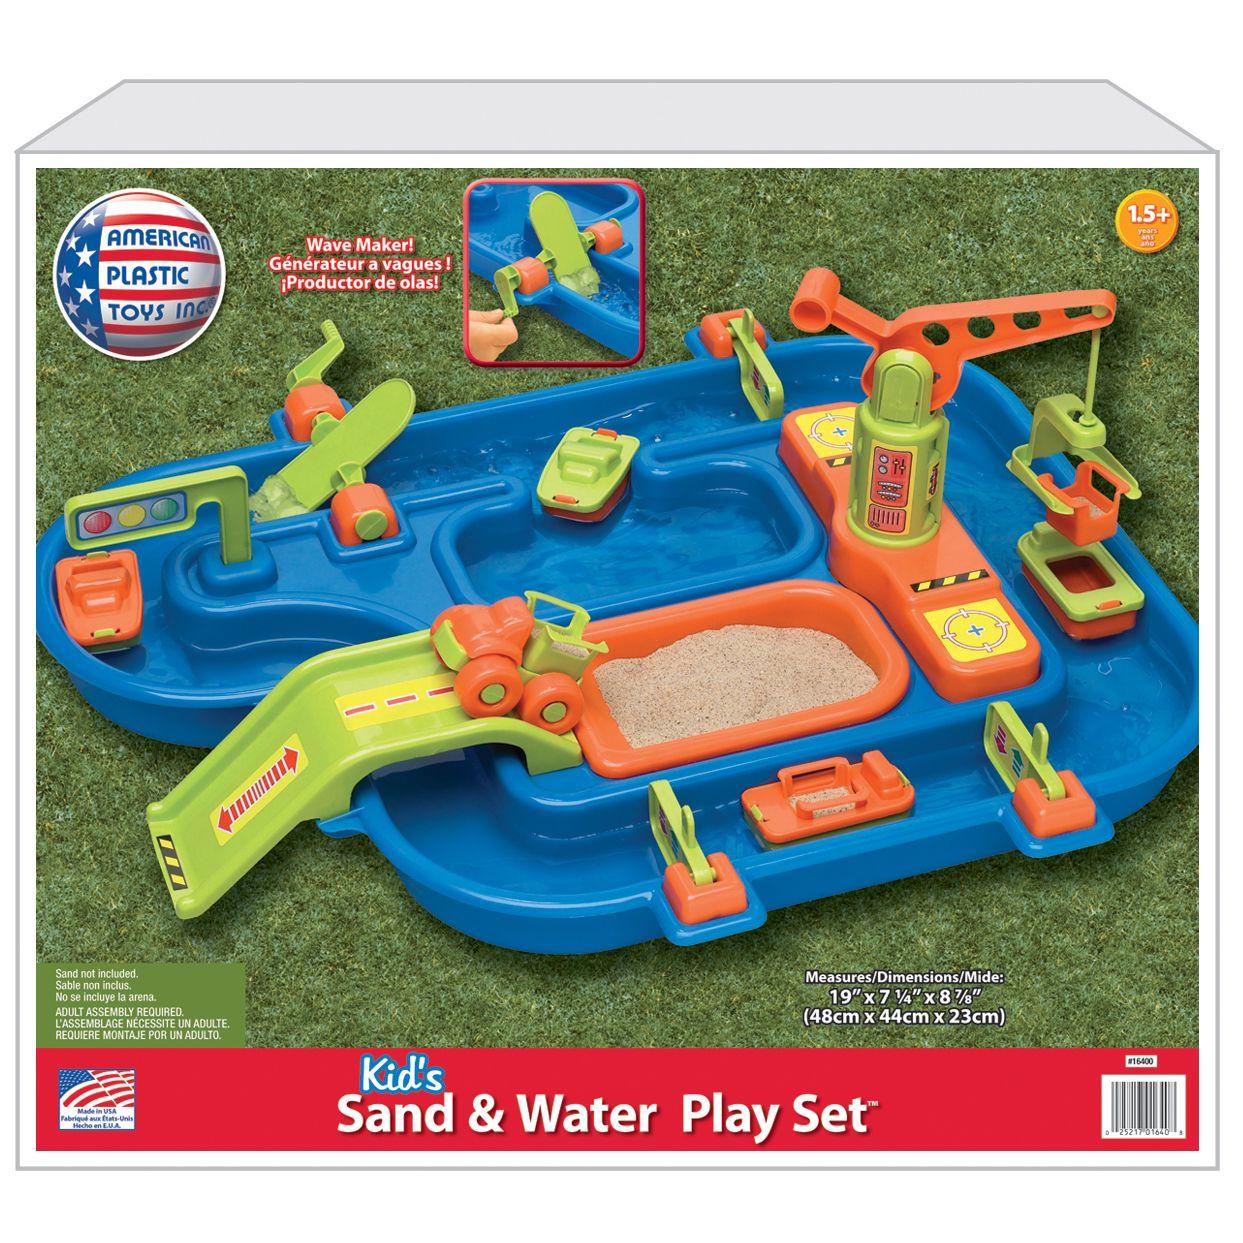 American Plastic - Set de juego Arena y Agua